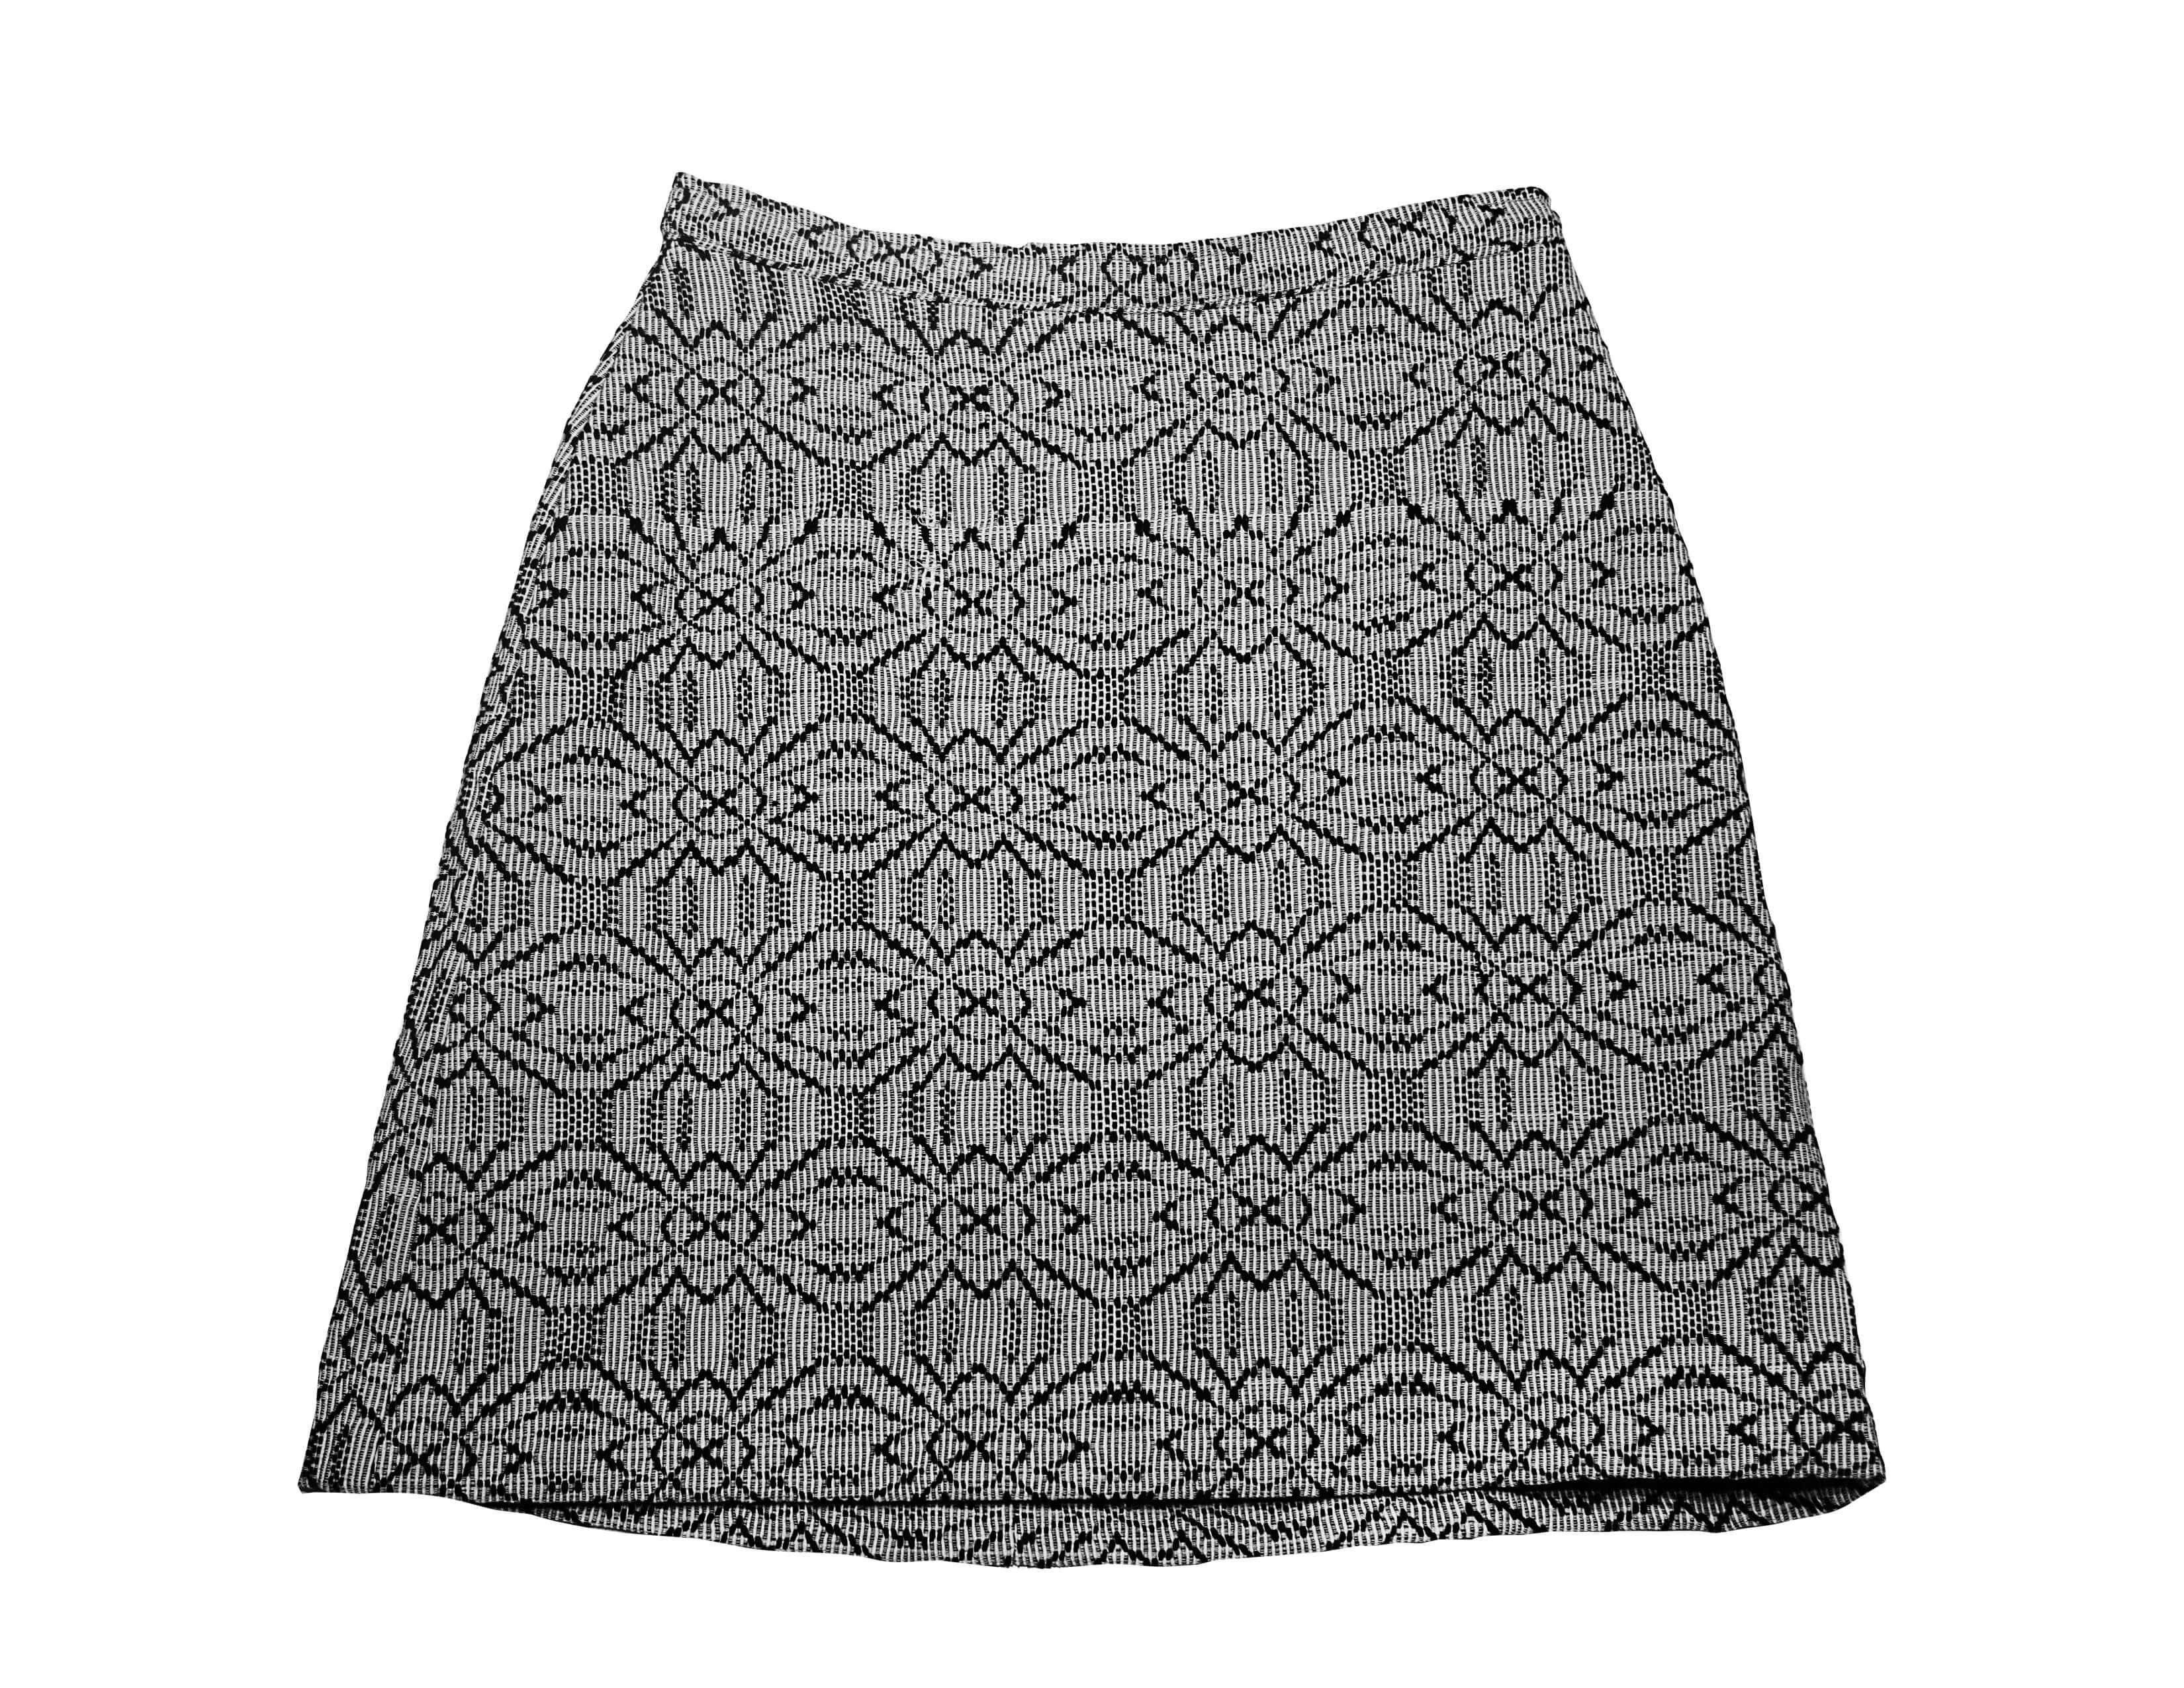 Skirt 1   front